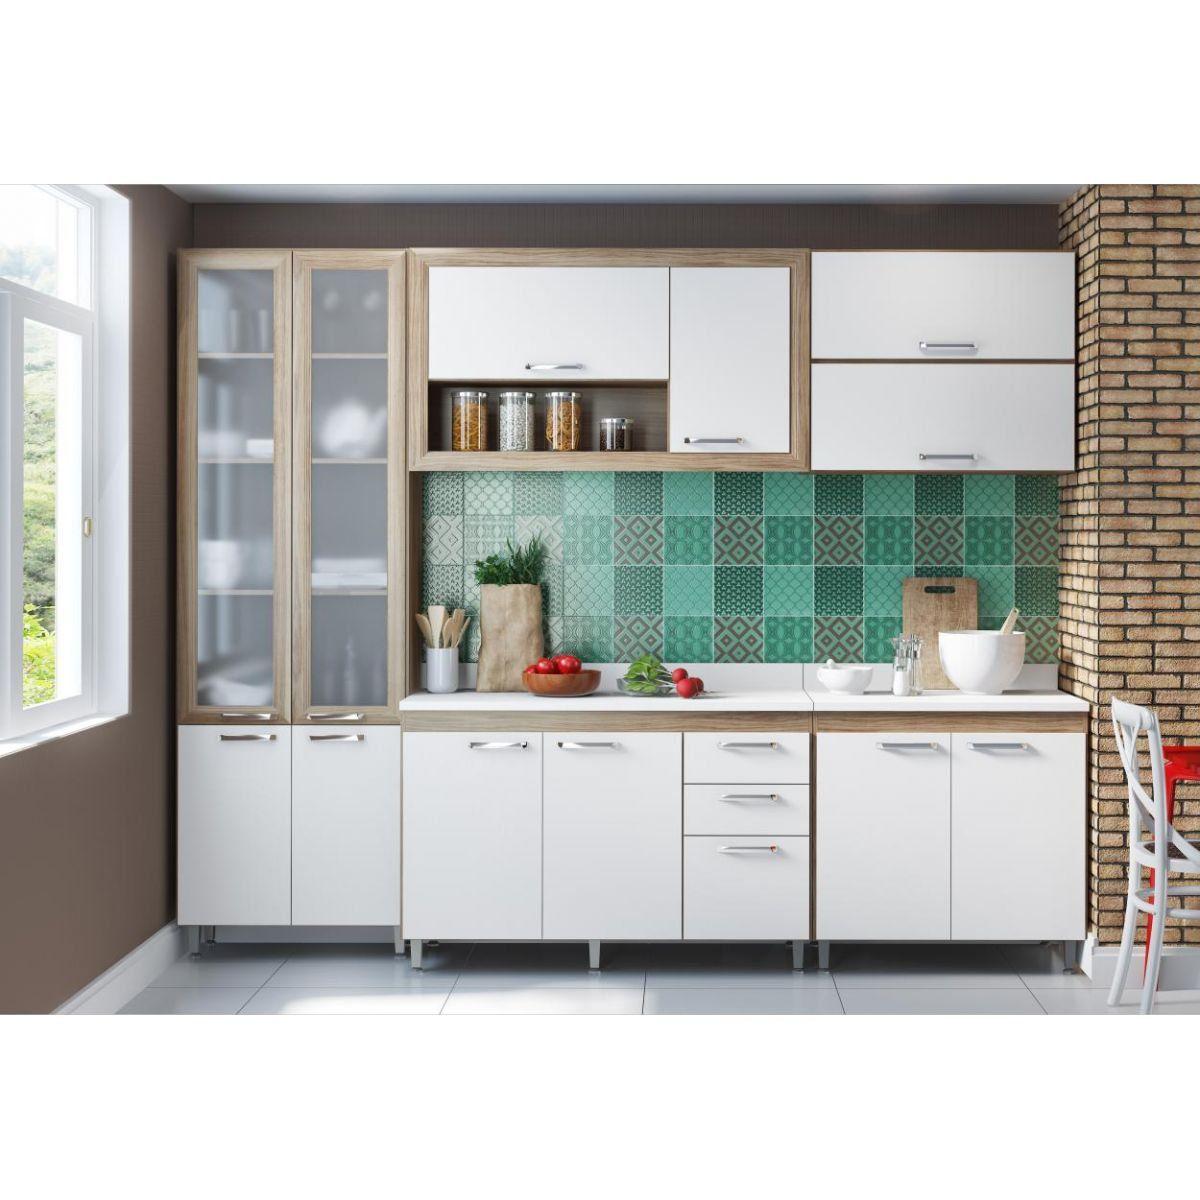 Ambiente Modulado com Paneleiro de Portas de Vidro 5021 Toscana - Multimóveis